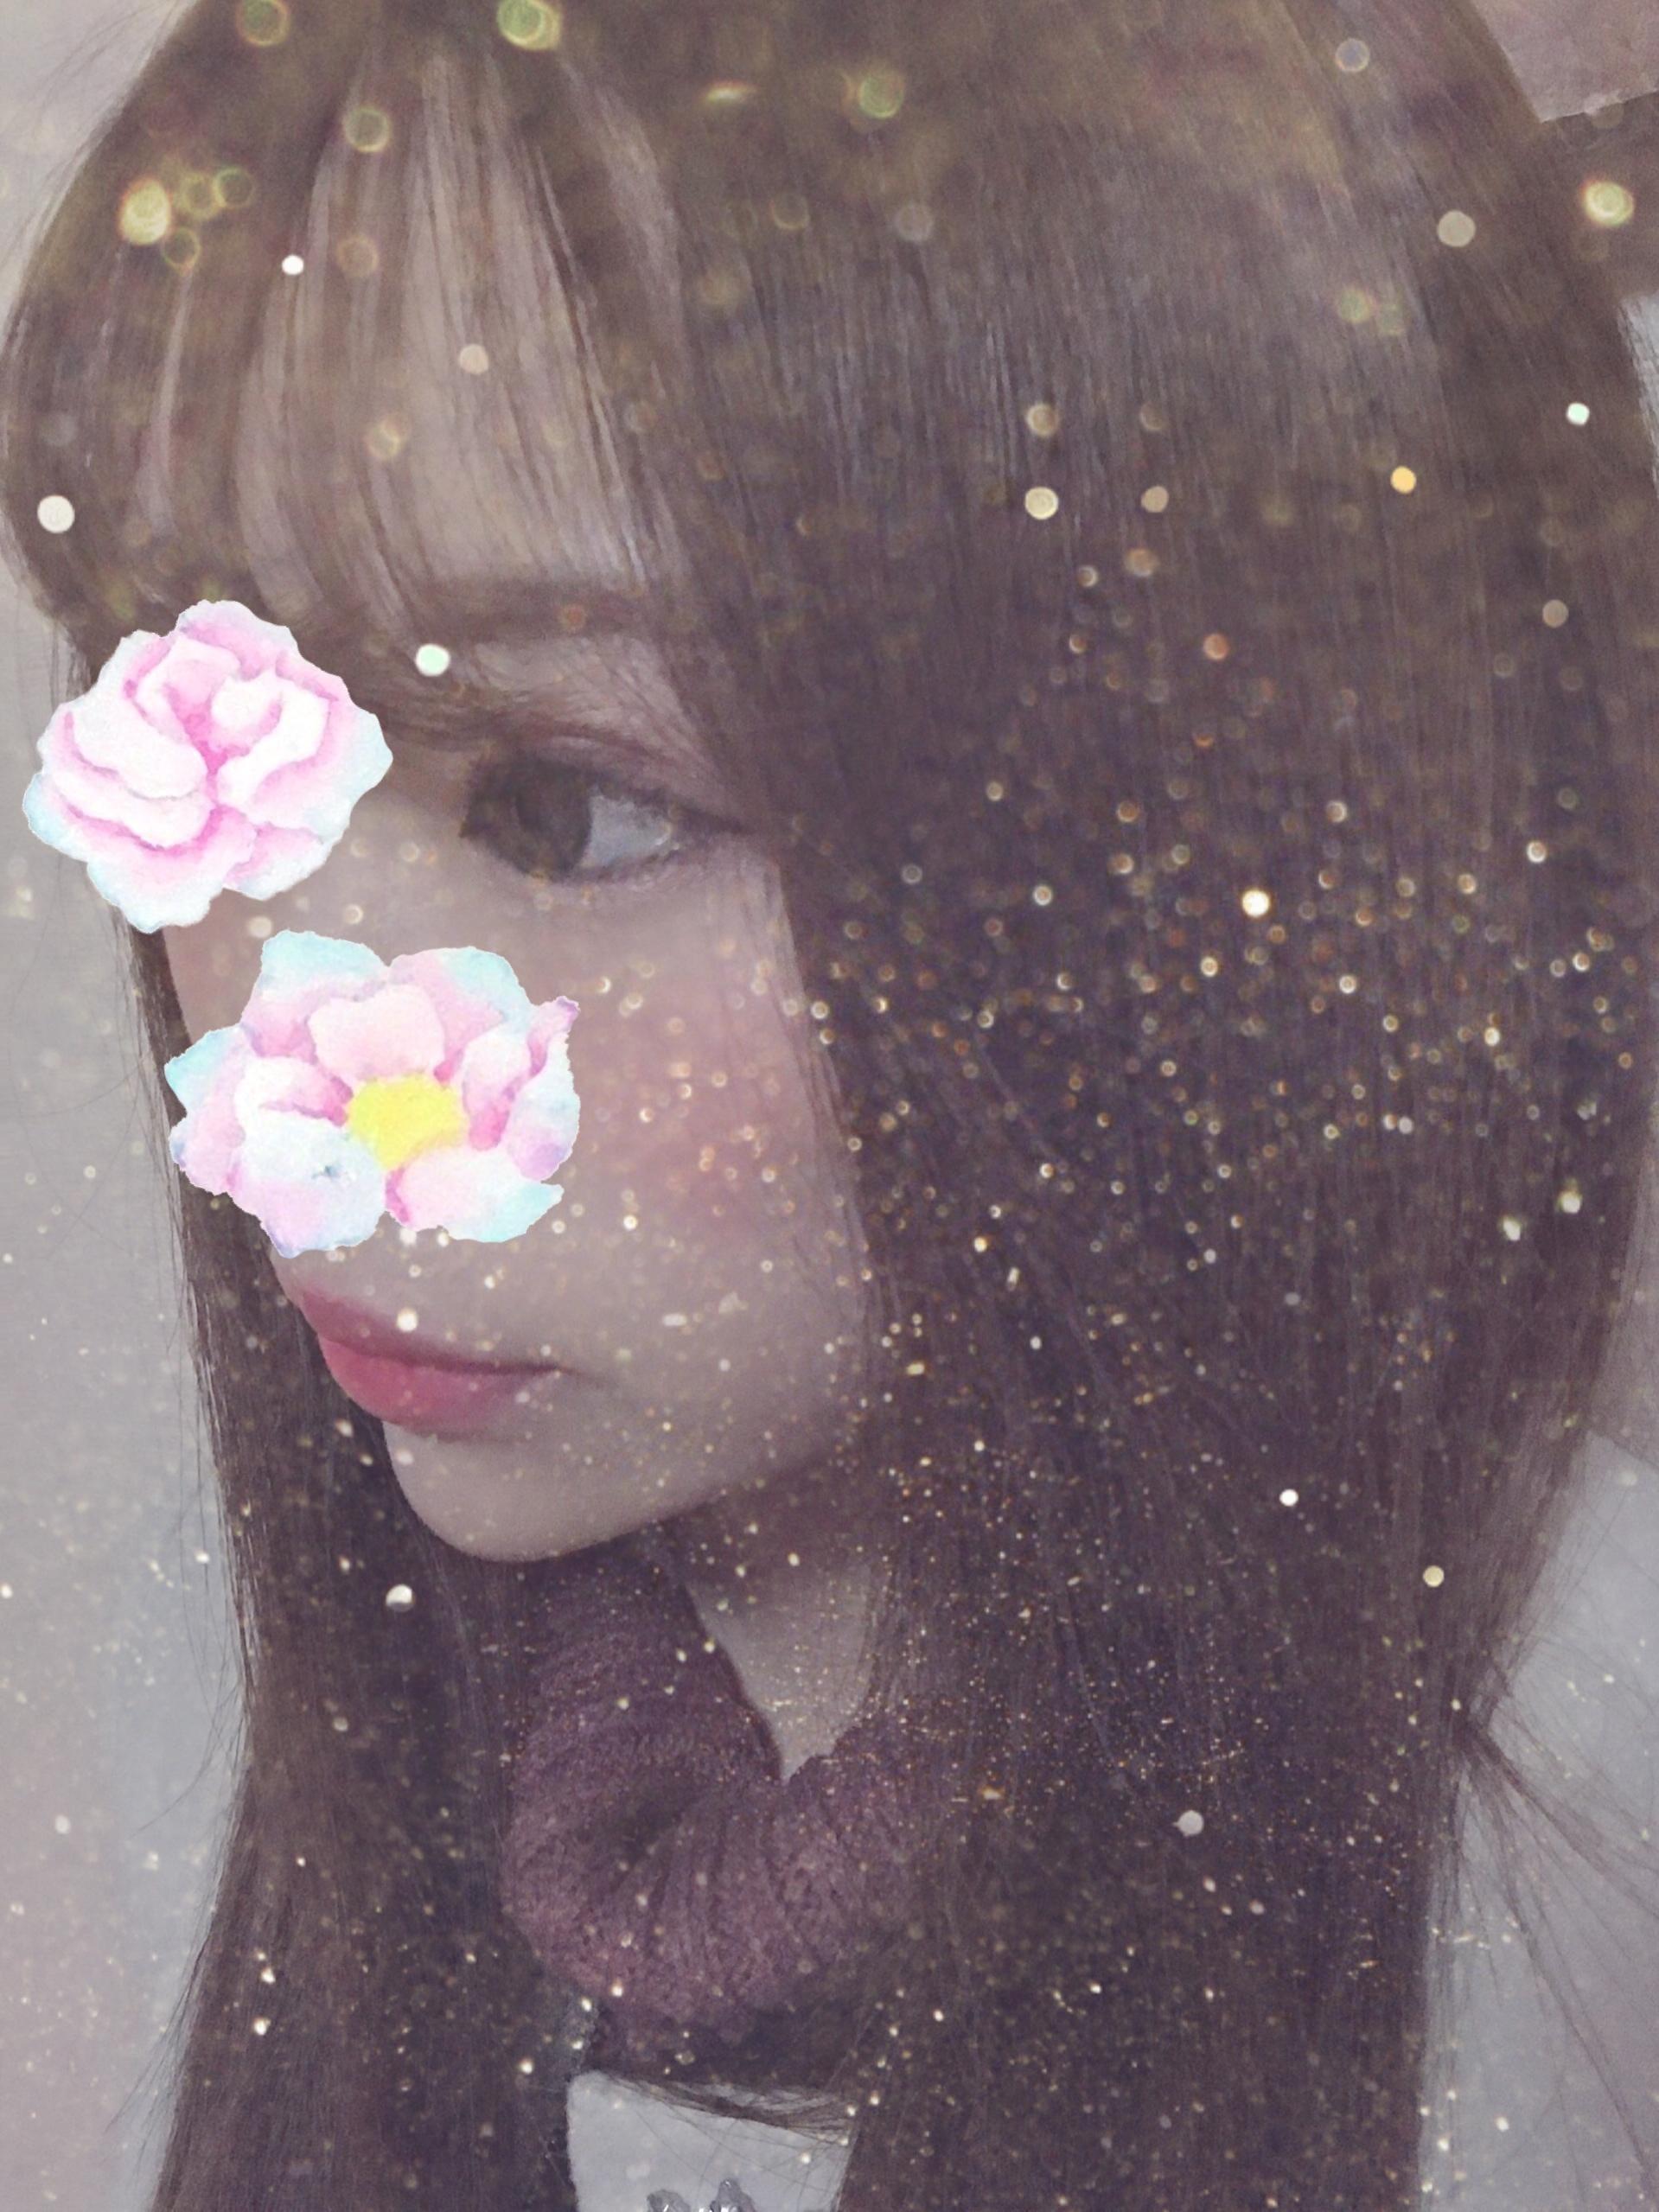 「クリスマス✨」12/25(火) 14:02 | 藤崎 あんりの写メ・風俗動画